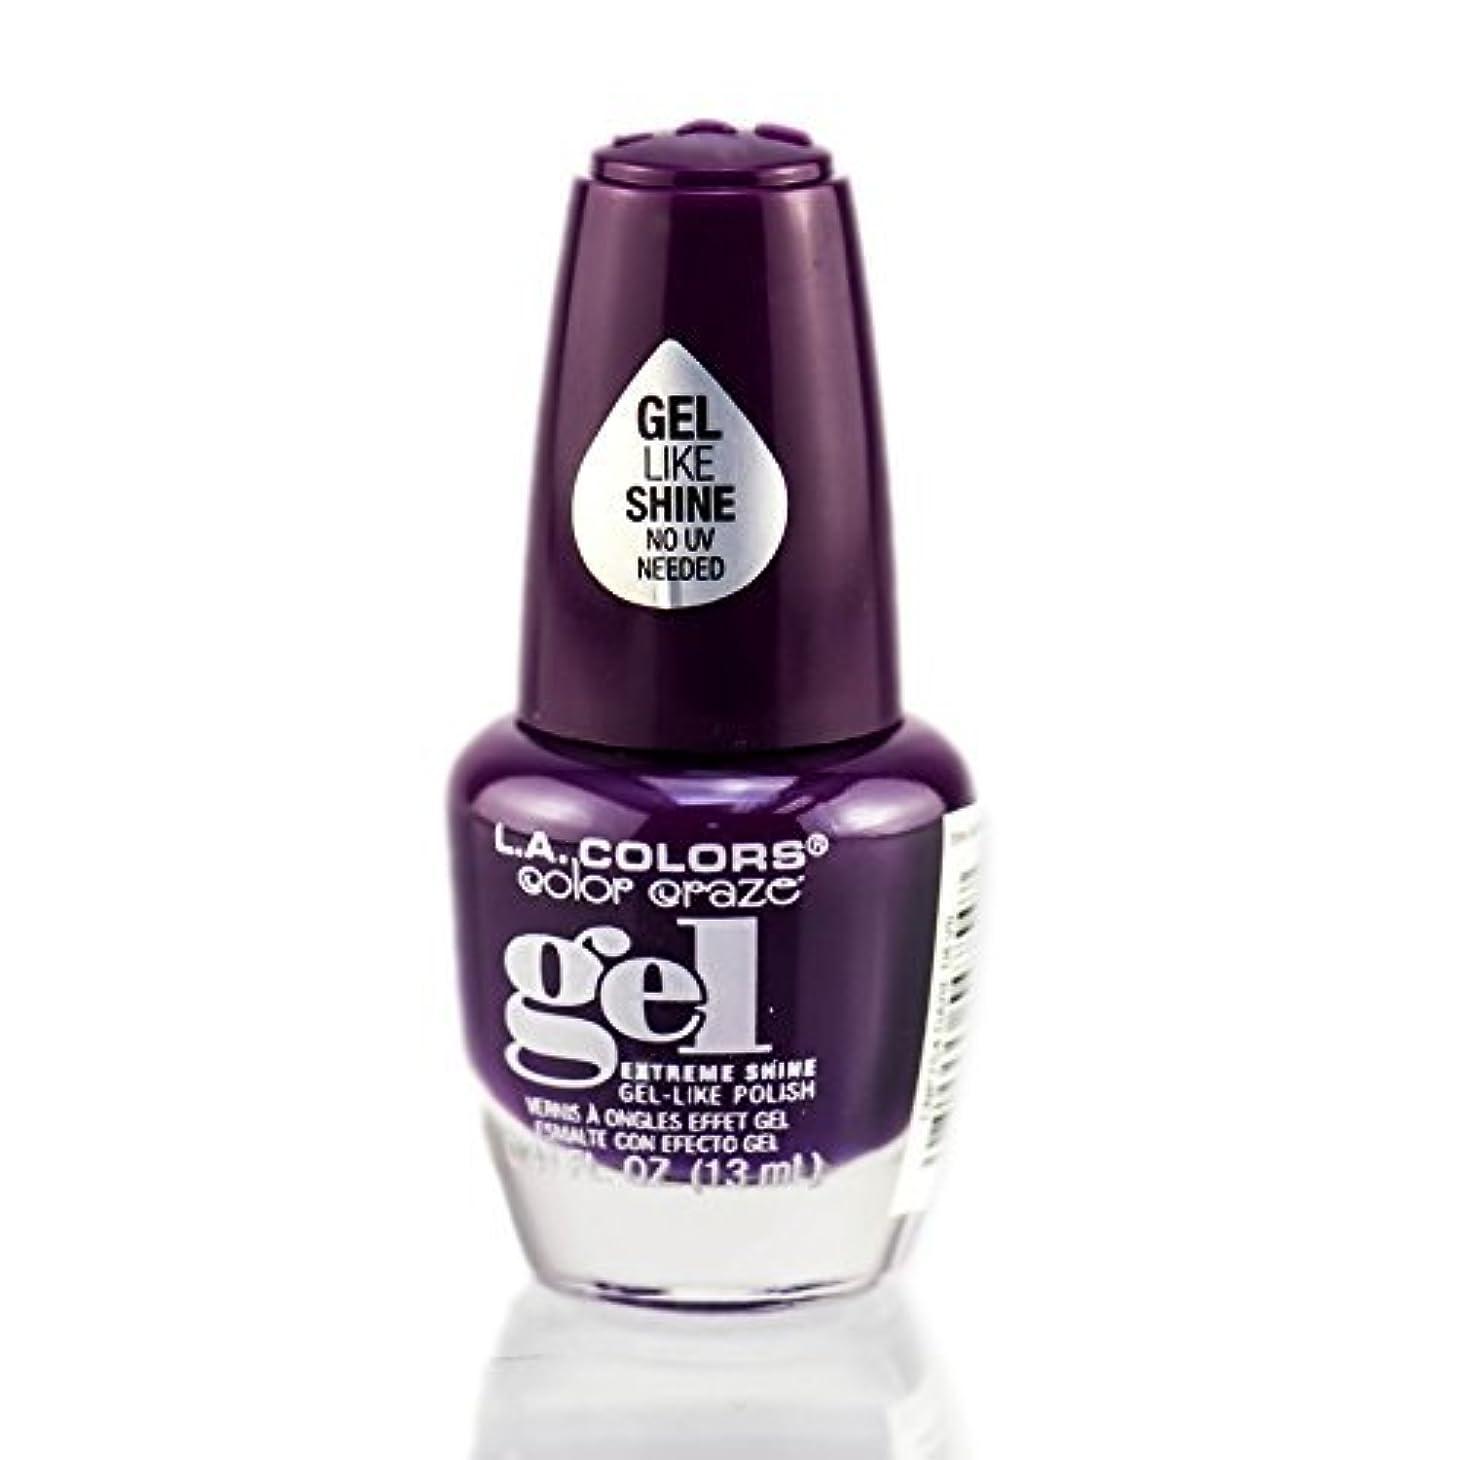 二度中古ペチュランスLA Colors 美容化粧品21 Cnp754美容化粧品21